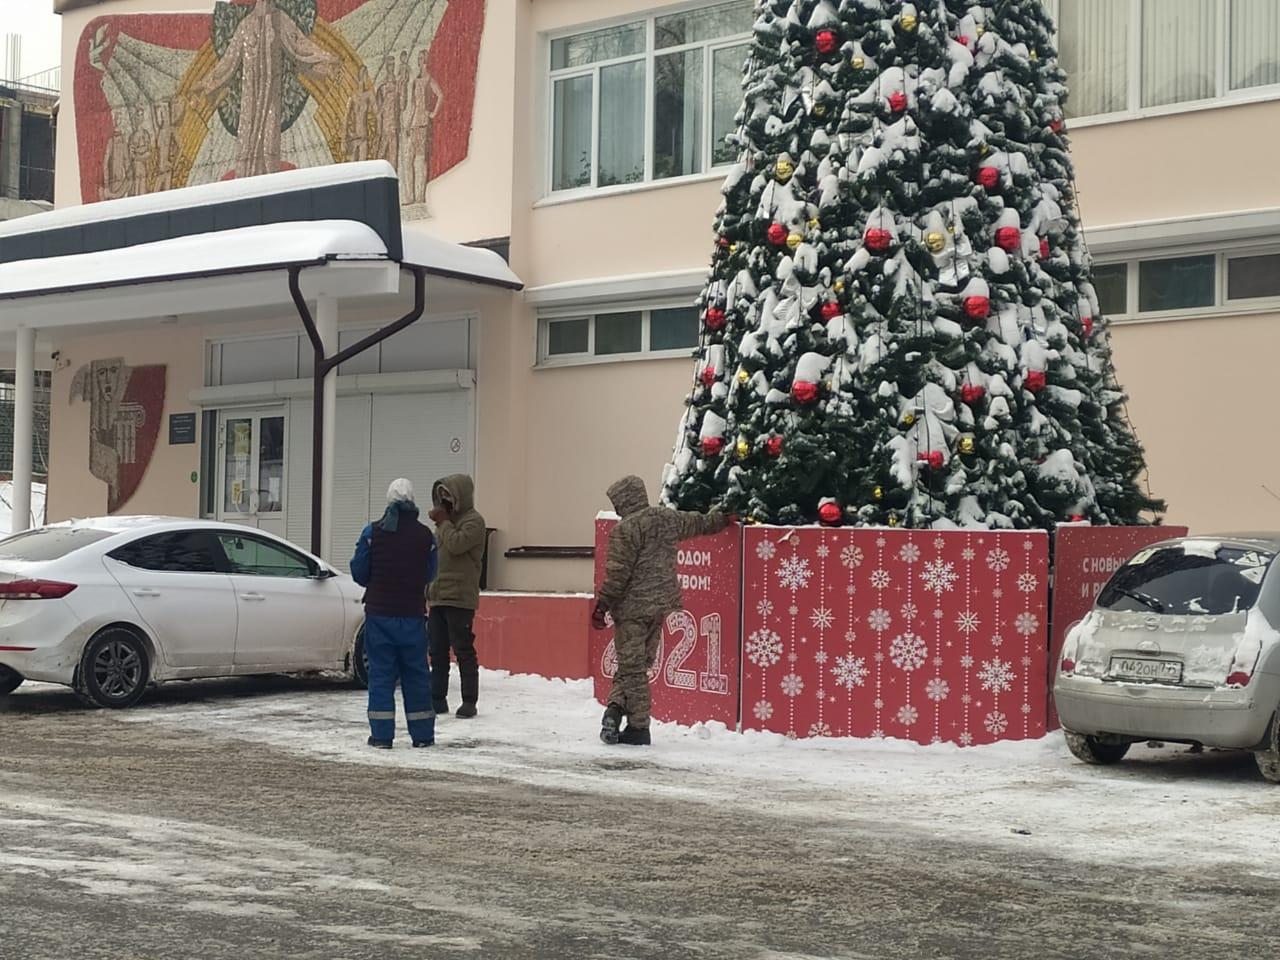 Специалисты демонтировали новогодние ели в Воскресенском. Фото предоставили сотрудники администрации